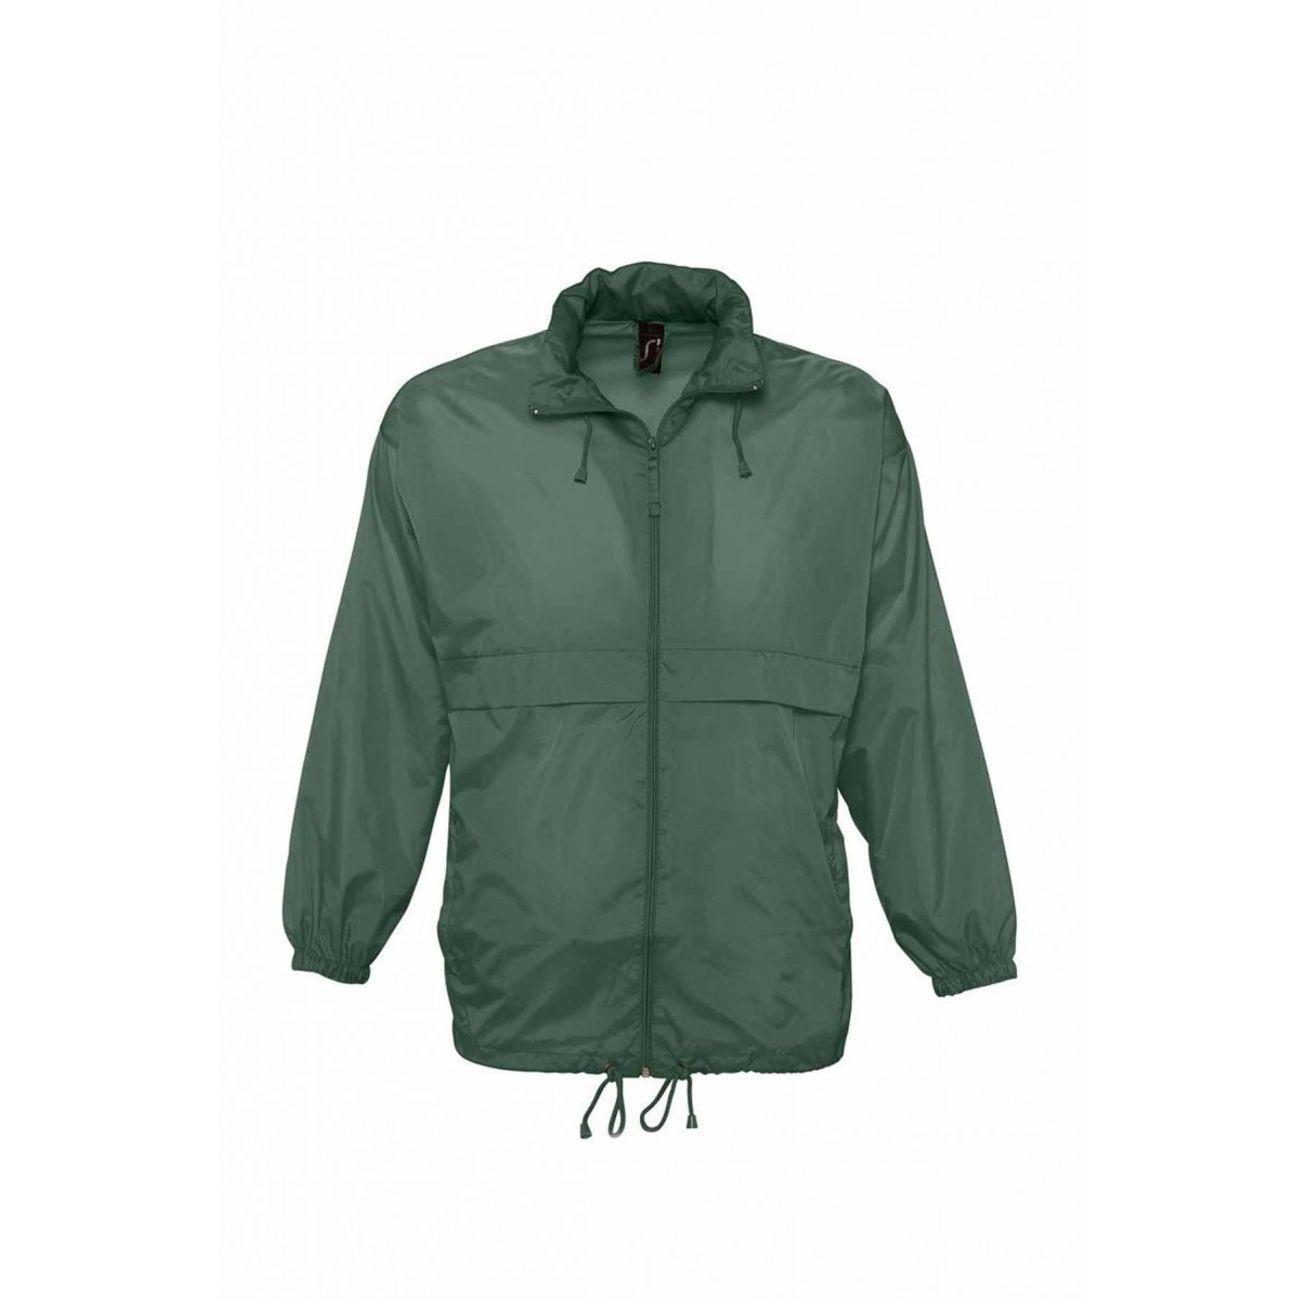 Mixte Homme Sol Forêt vent Imperméable32000 Ou S Coupe Femme Veste Vert Pédestre Randonnée 5AL3q4jR